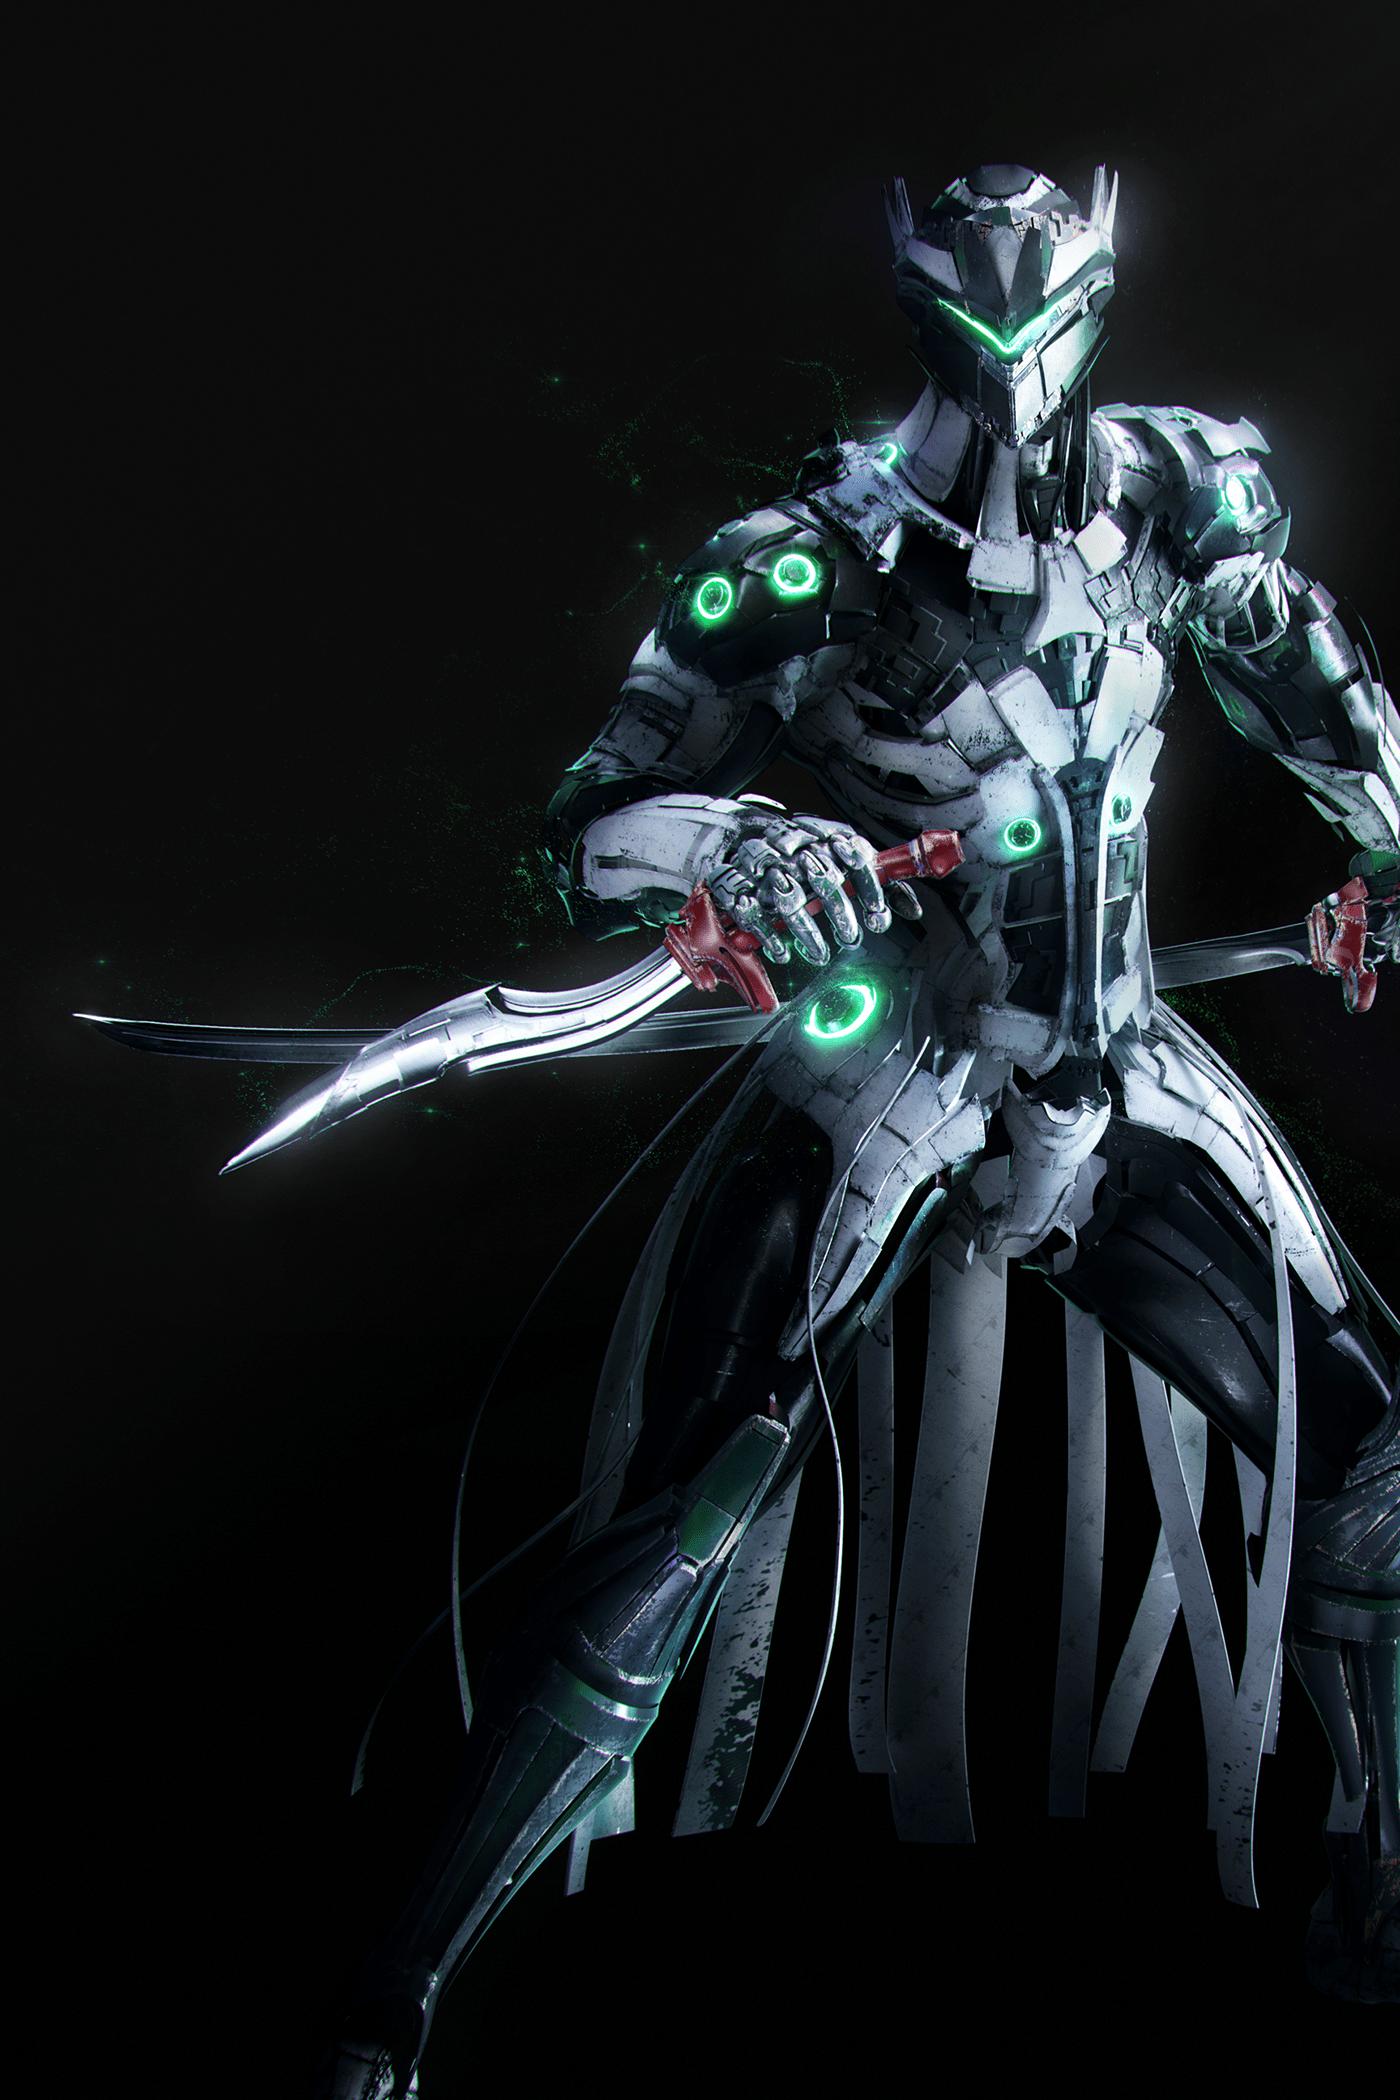 reaper overwatch iphone wallpaper